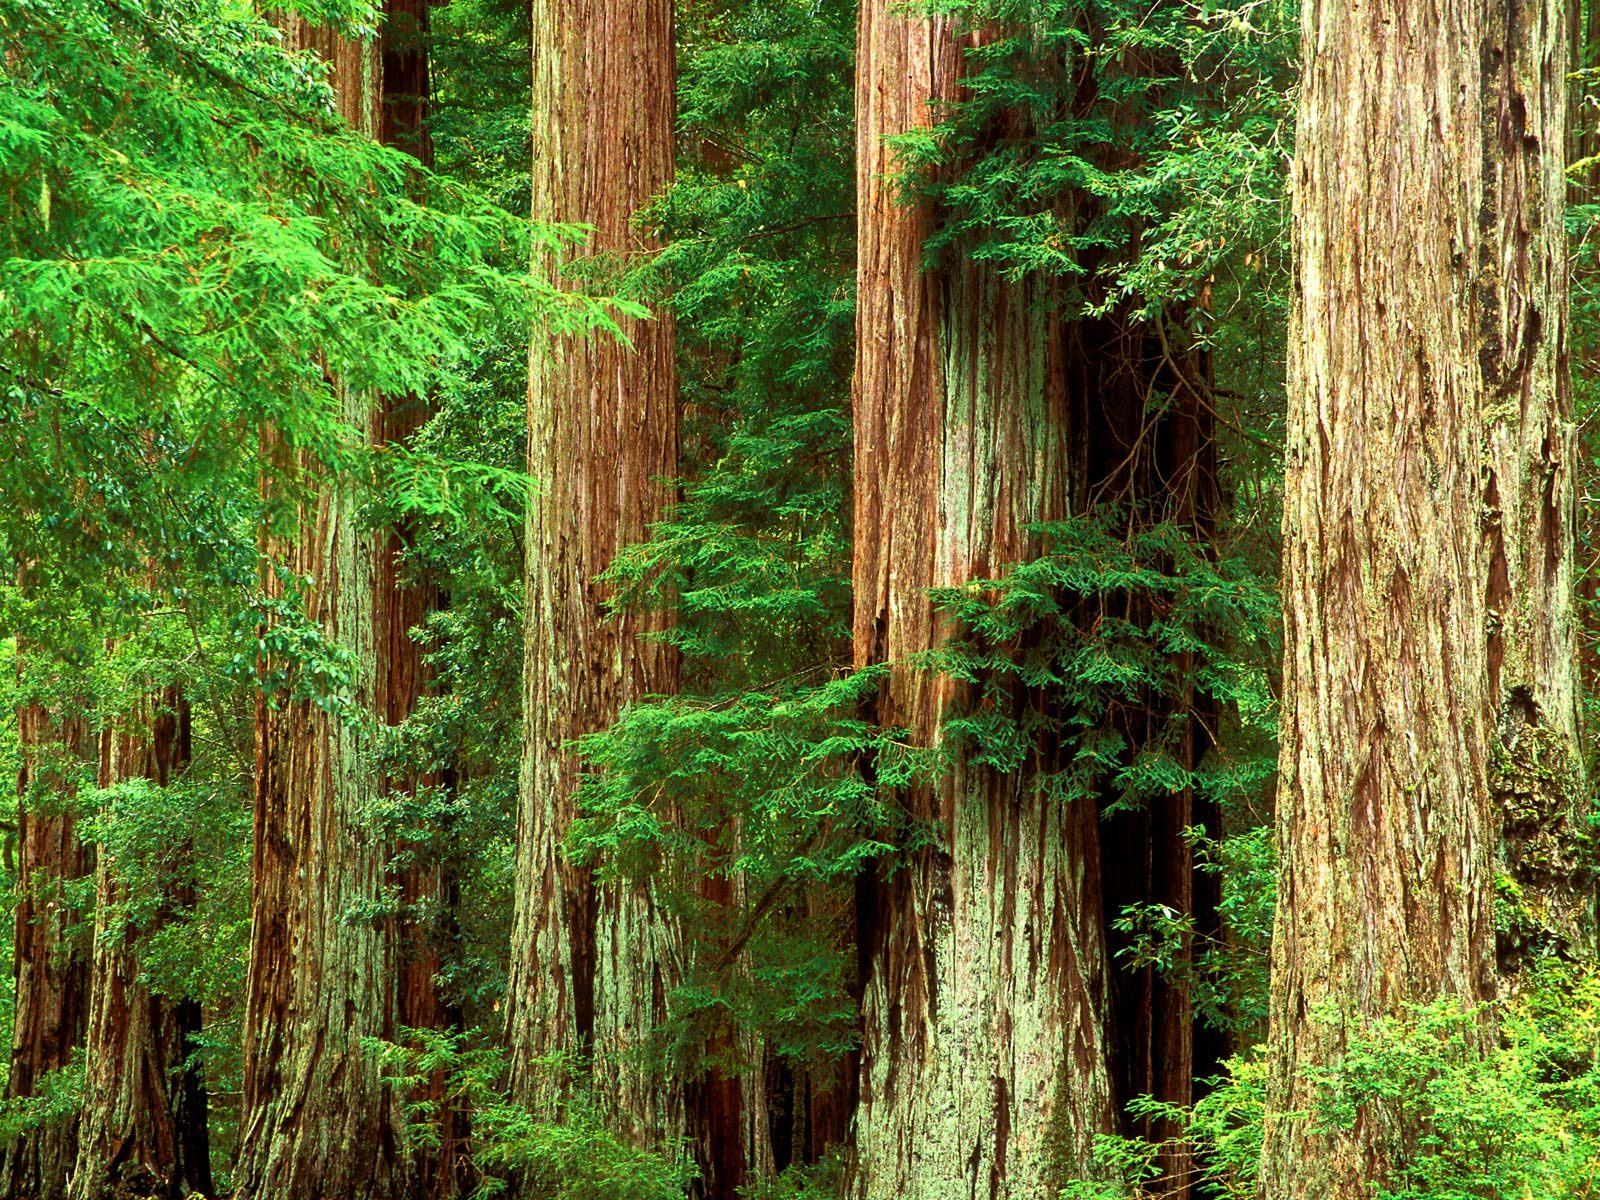 толстые стволы деревьев, скачать фото, обои на рабочий стол